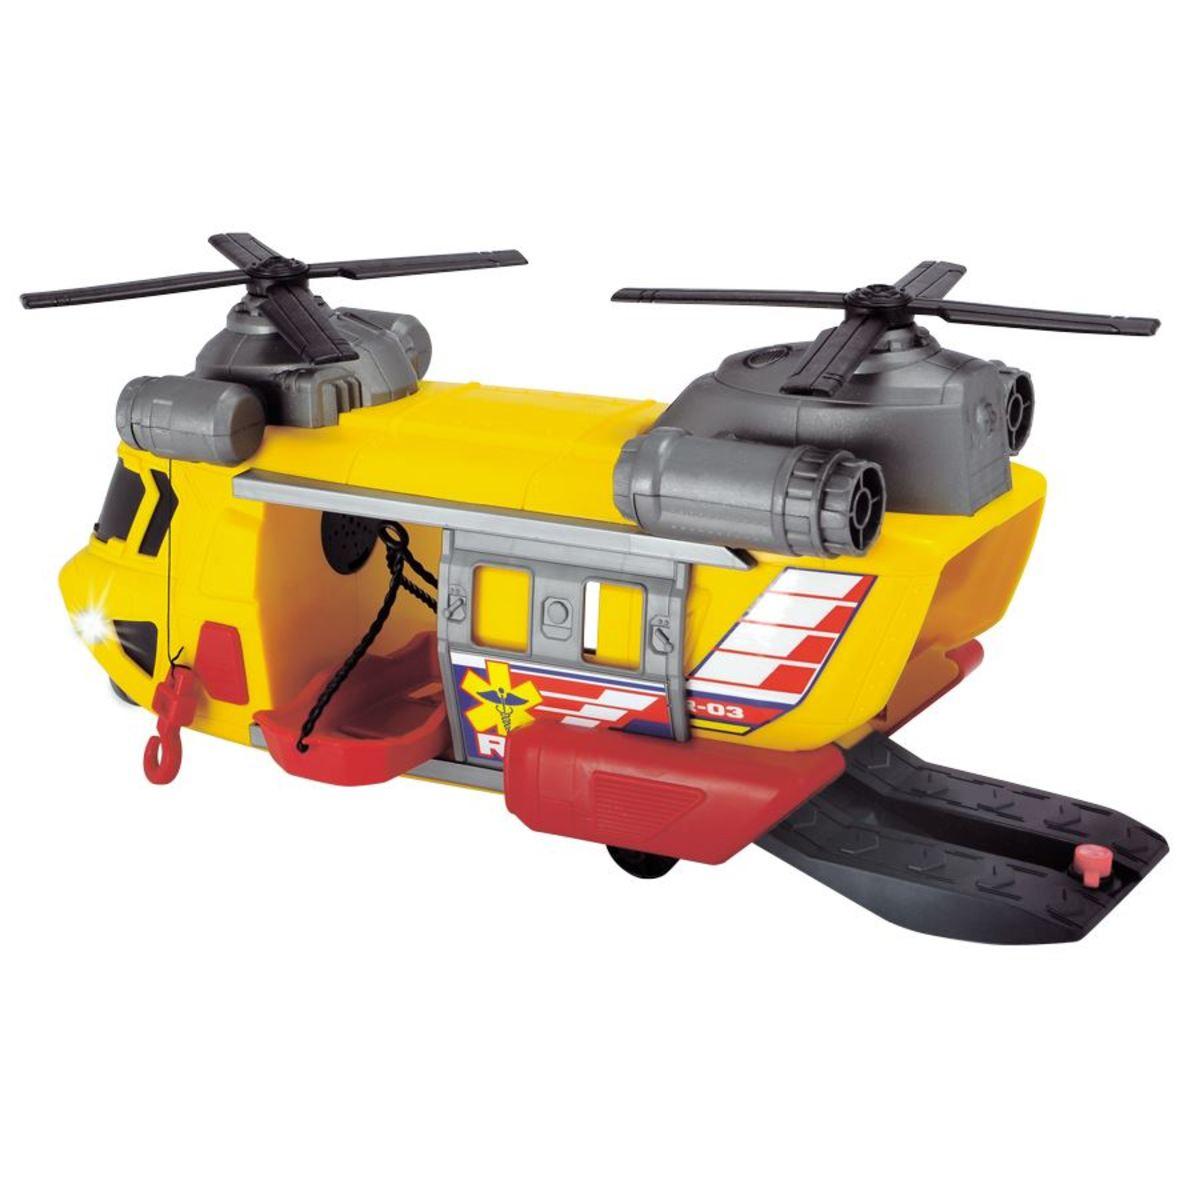 Bild 5 von Dickie Toys Rettungshubschrauber Rescue Helicopter